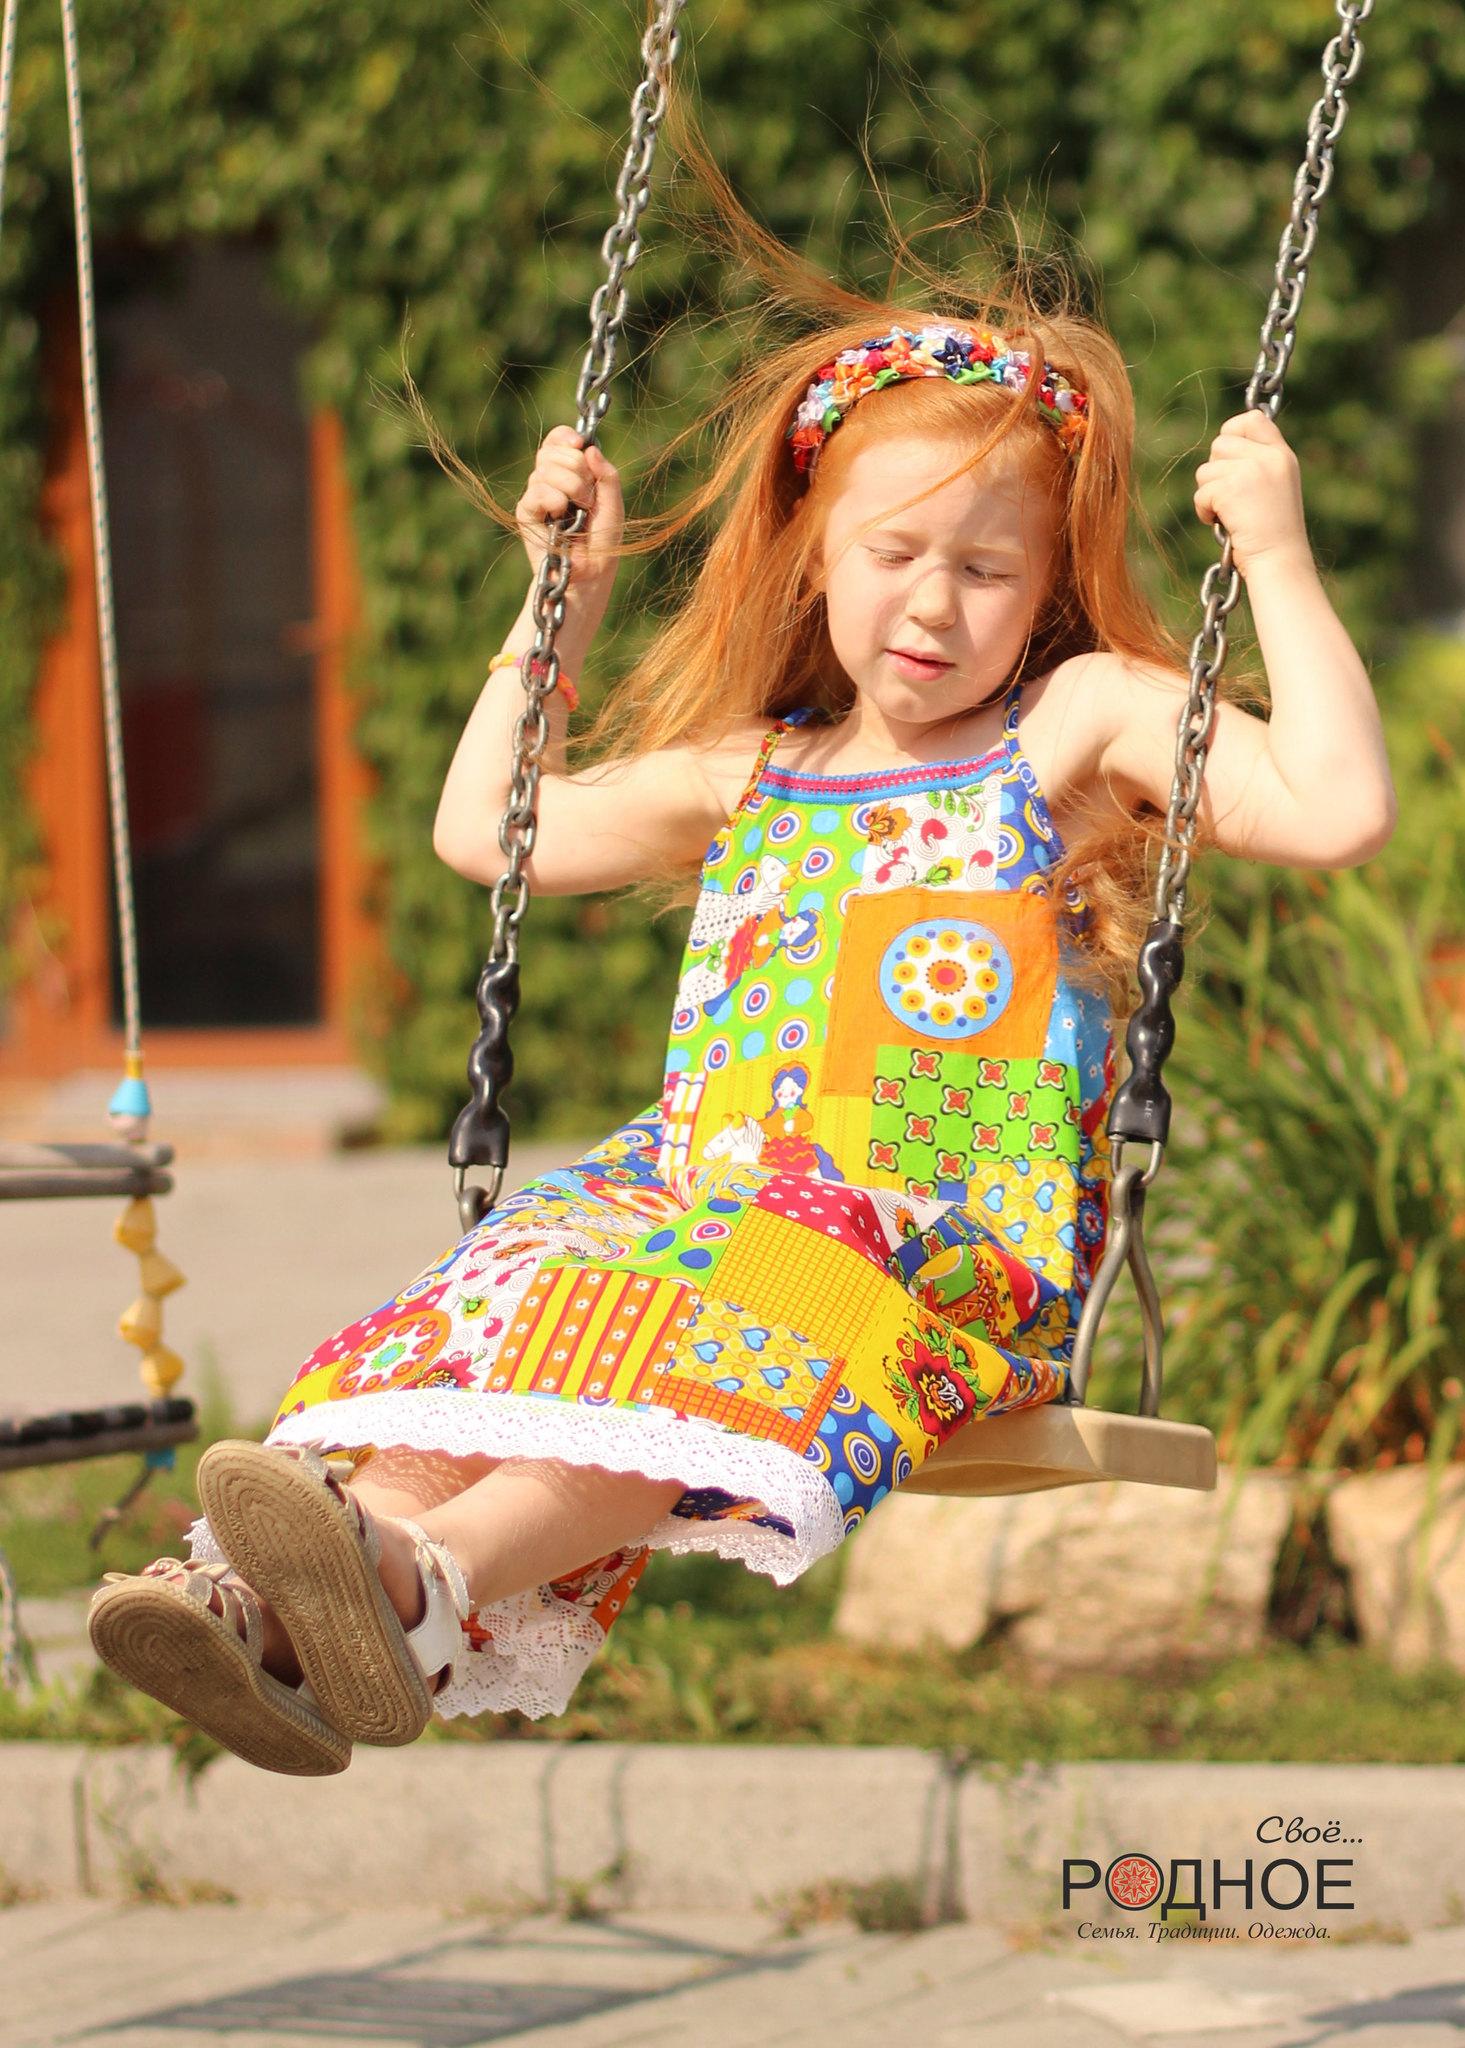 сарафан для девочки в русском стиле с кружевом Свое... Родное для Иванка